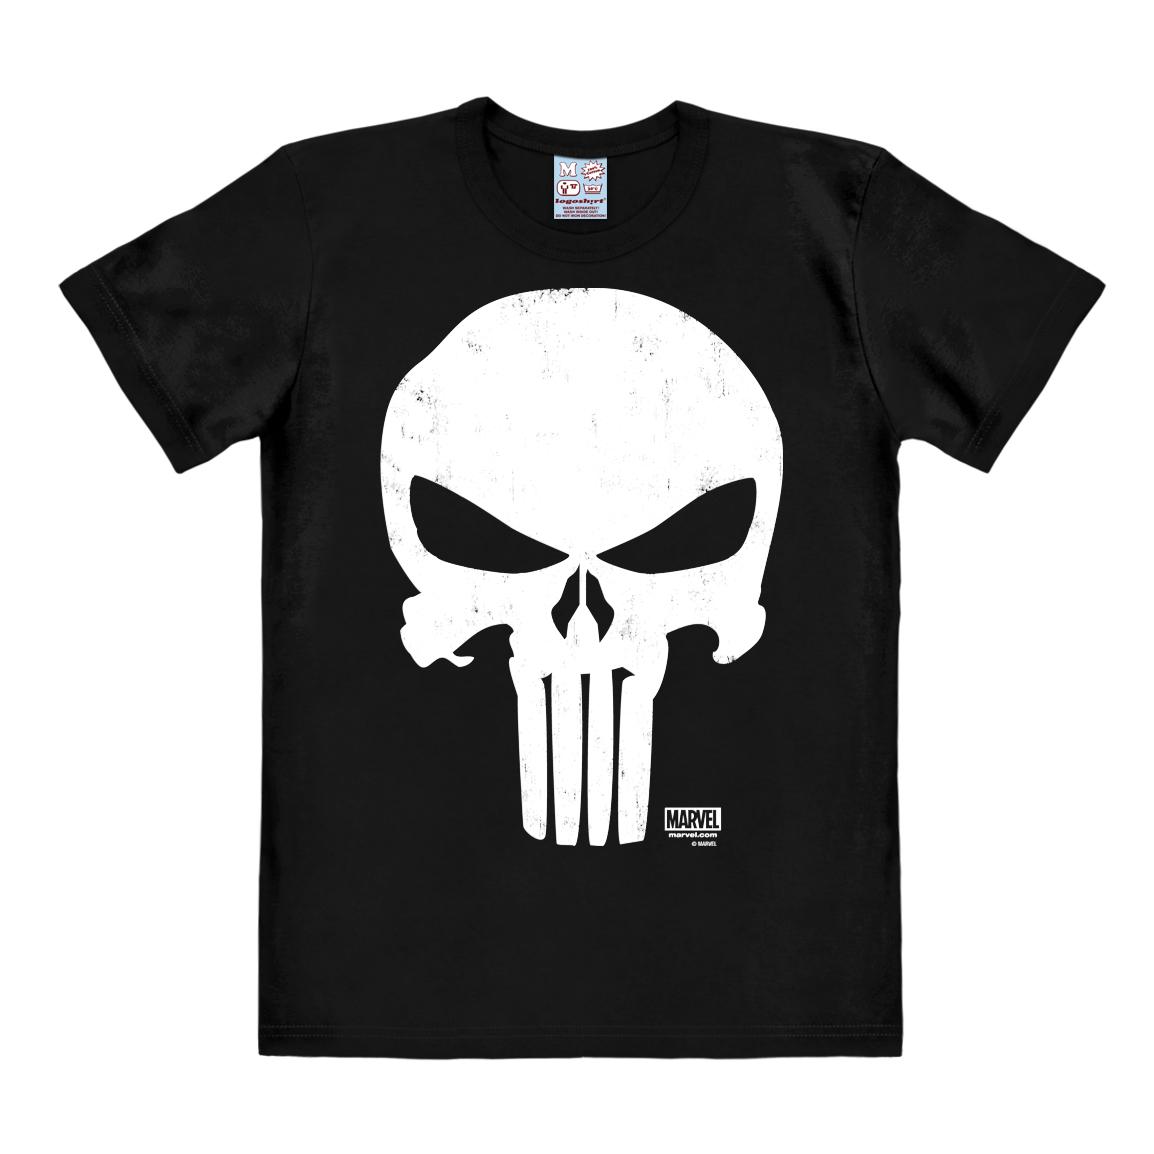 040_0958_001_Marvel-Punisher_black_easyfit